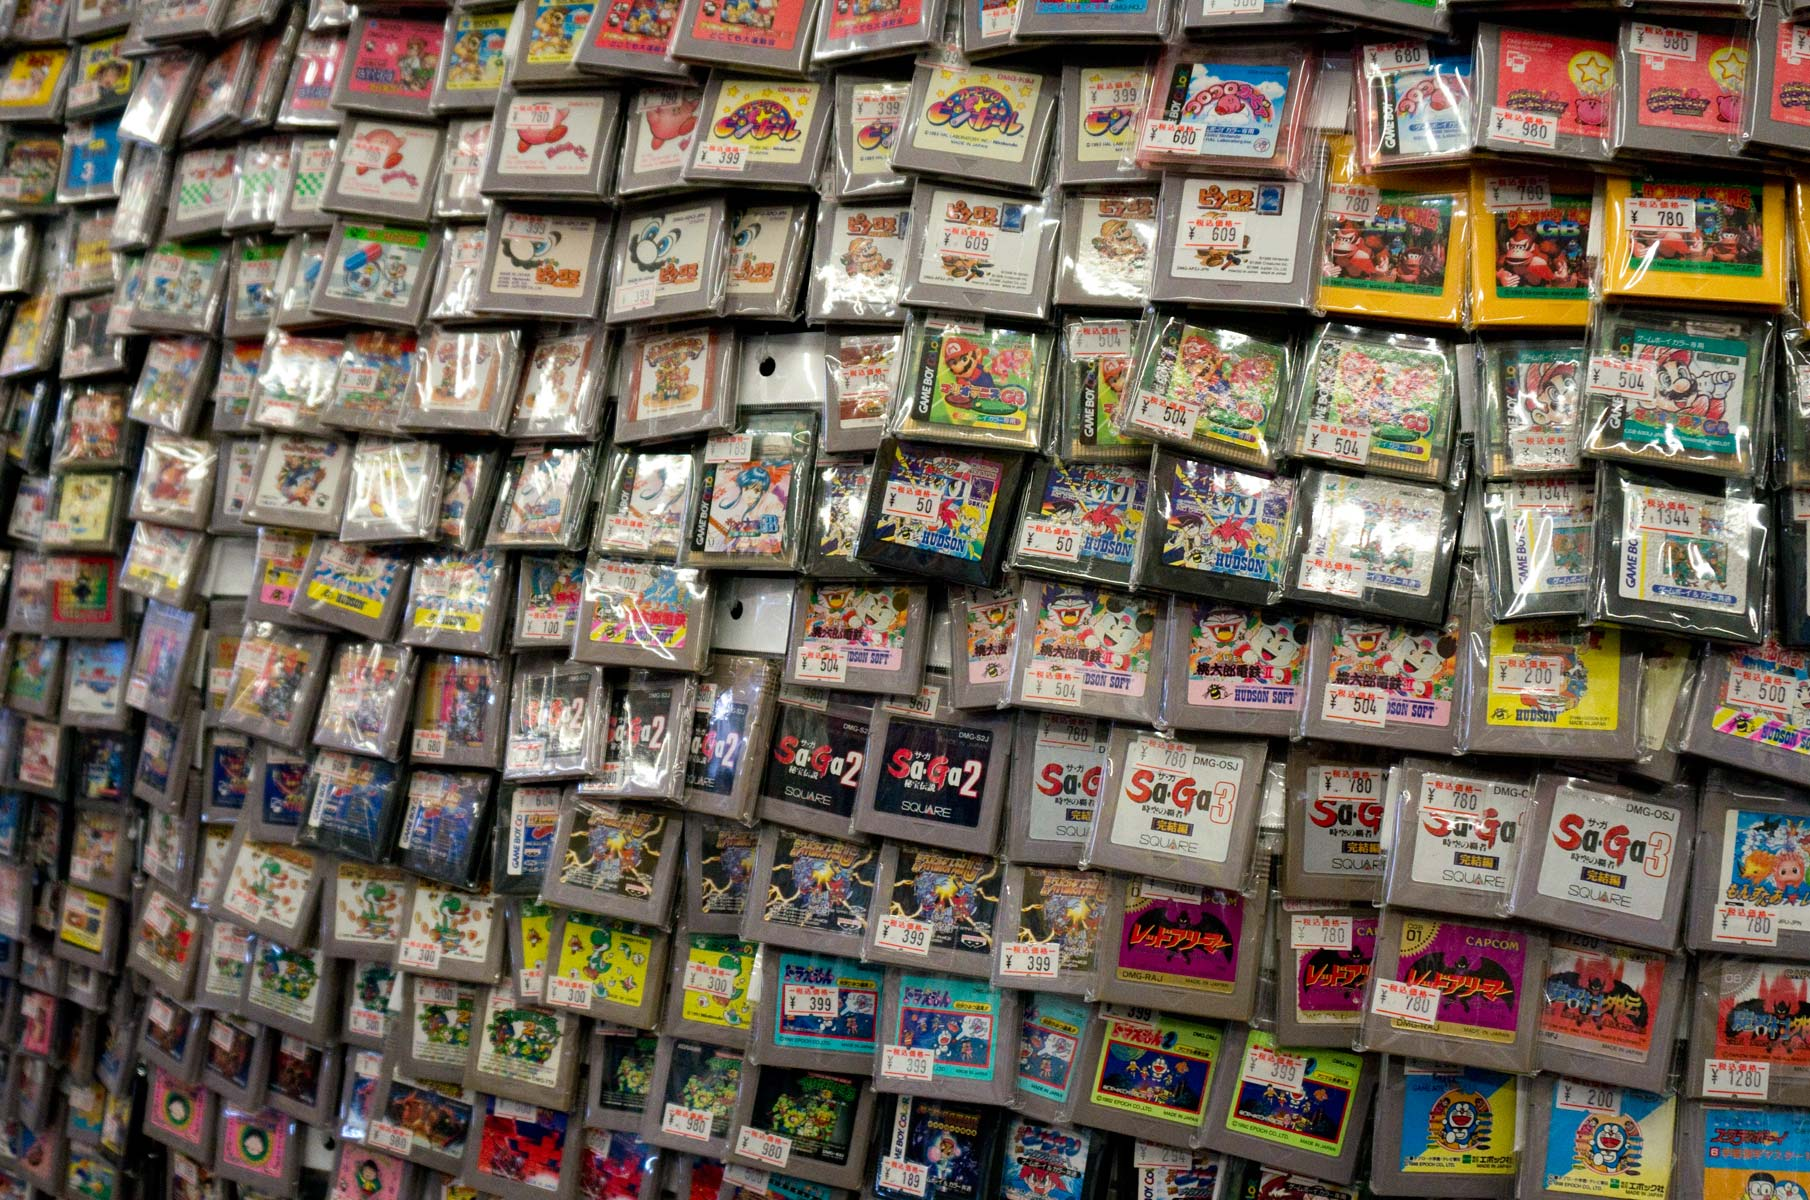 Videospiele im Amüsierviertel Nipponbashi in Osaka, Japan